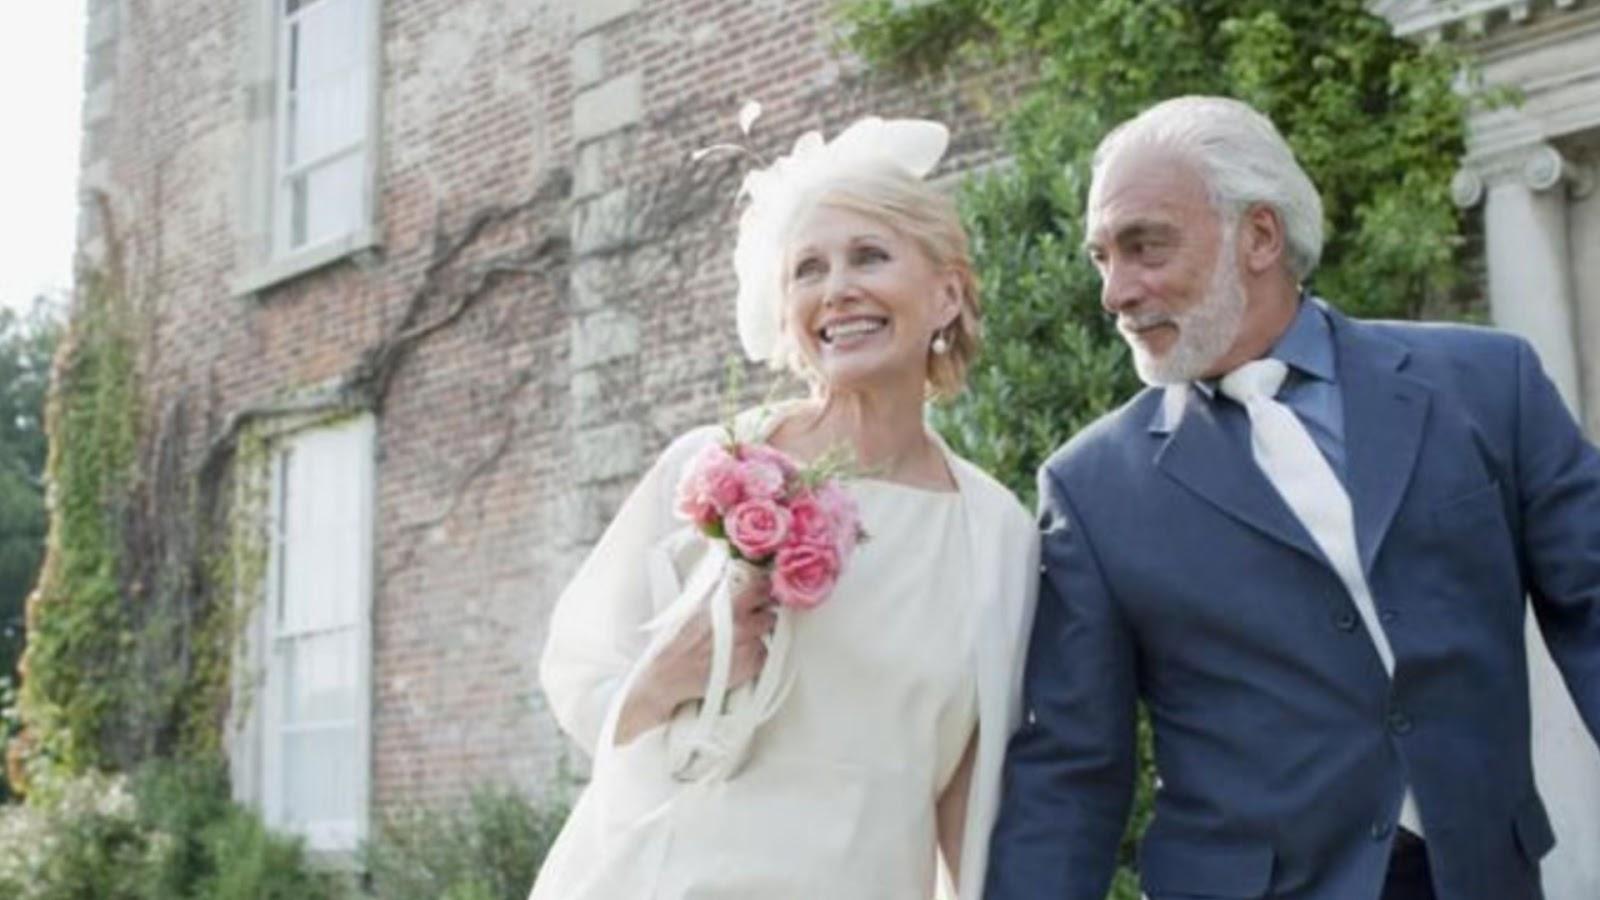 Matrimonio Catolico Votos : CatÓlico defiende tu fe: ¿puedo renovar mis votos matrimoniales cada